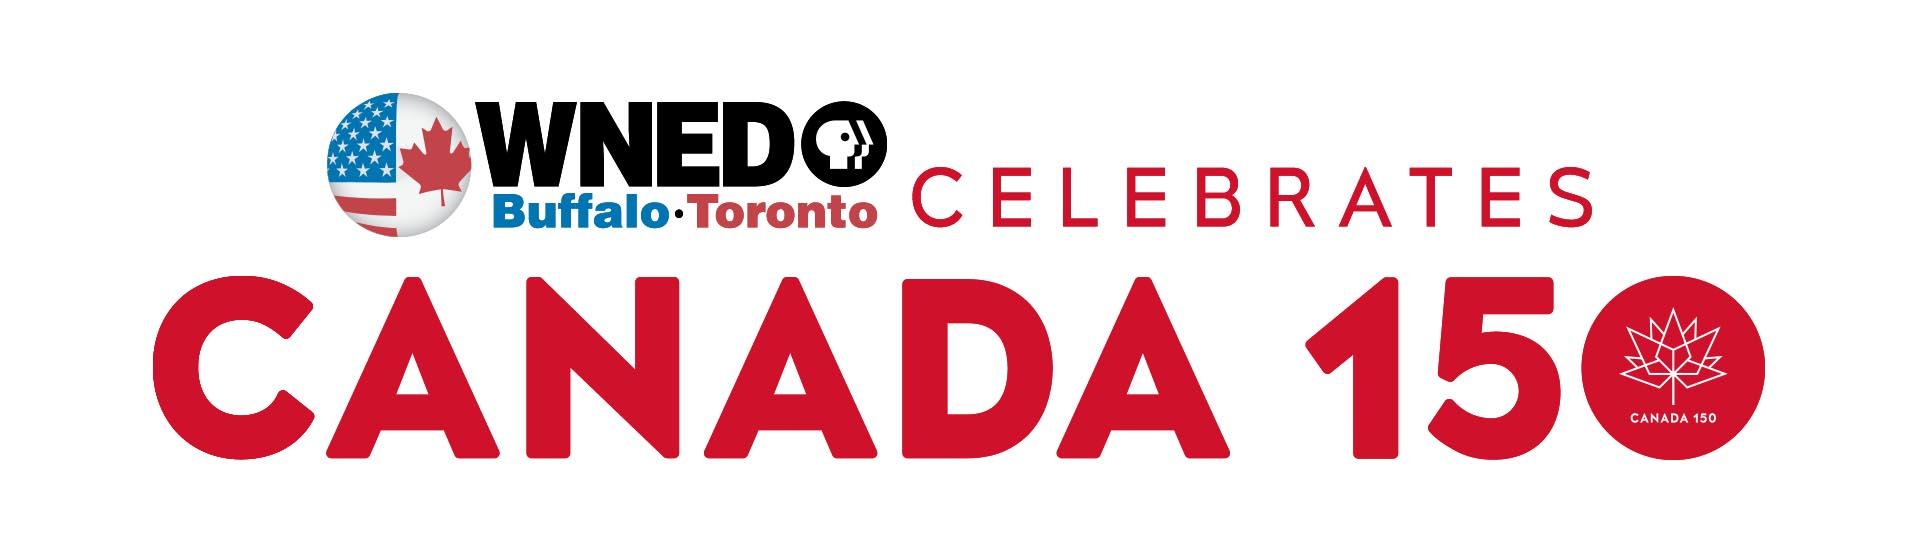 WNED Celebrates Canada 150